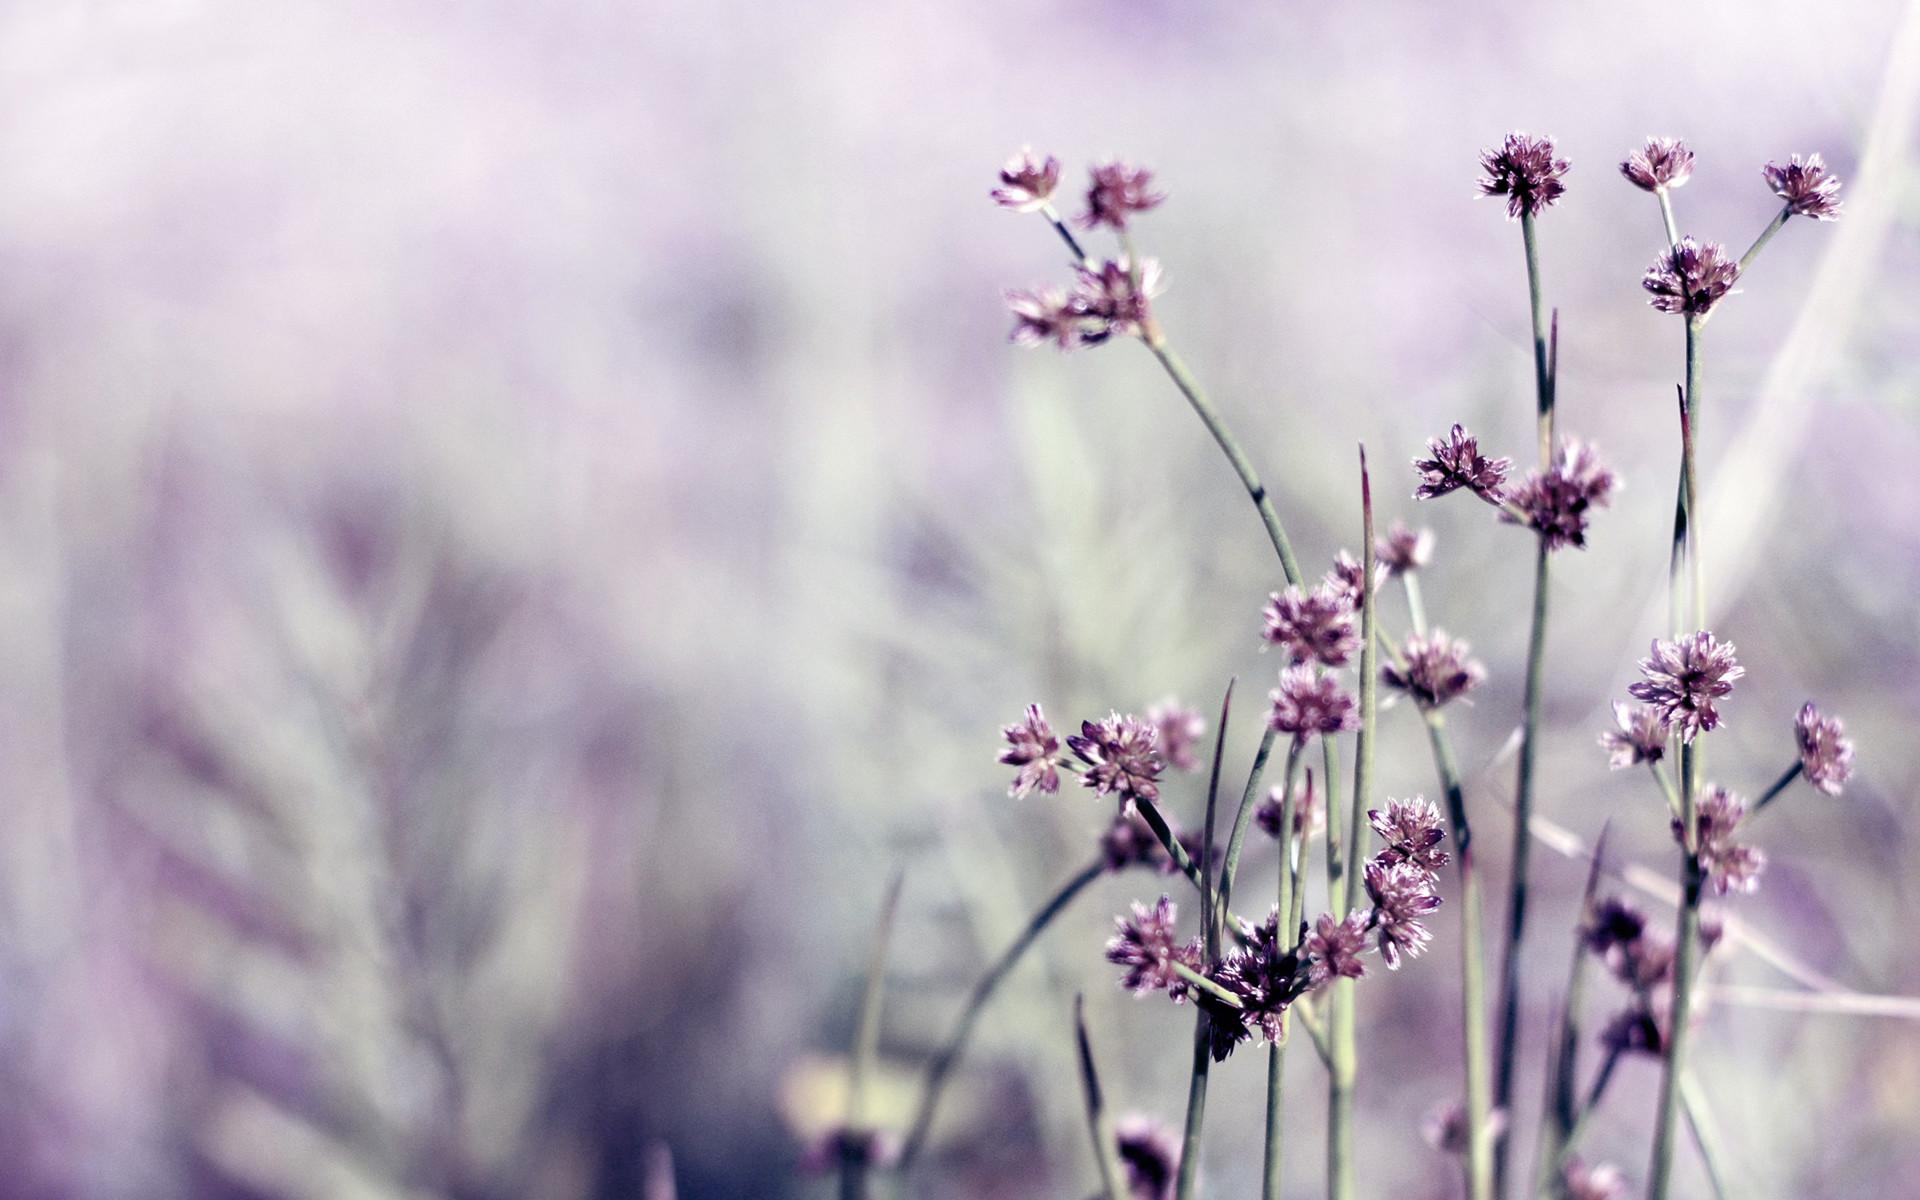 purple flowers wallpaper. Download …